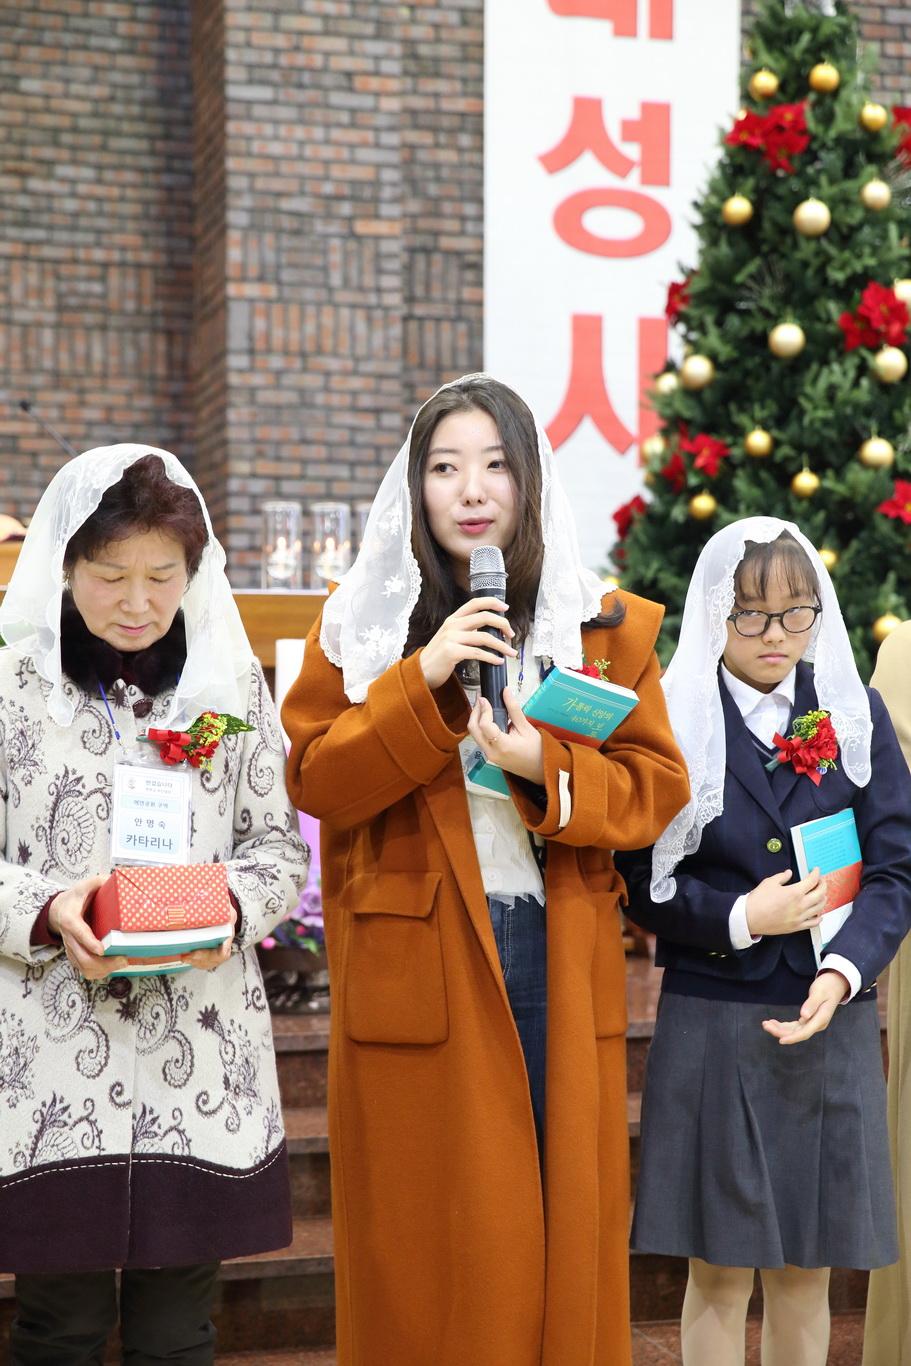 2019-12-15 세례식 (076)_크기변경.JPG